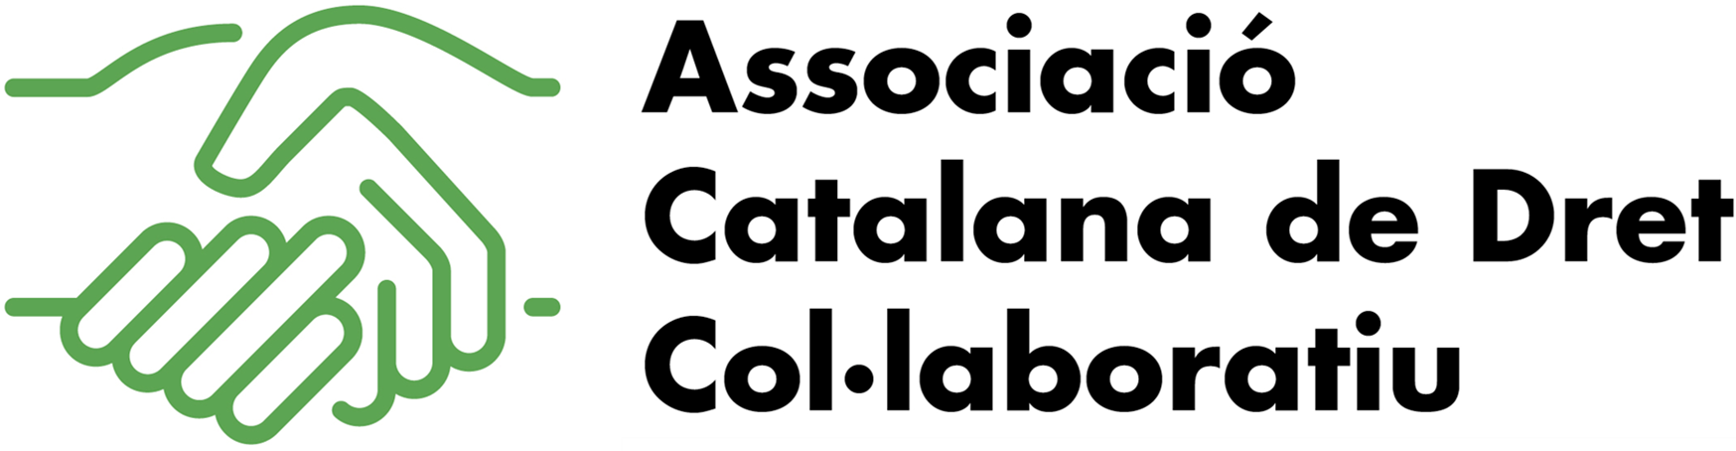 Associació Catalana de Dret Col·laboratiu